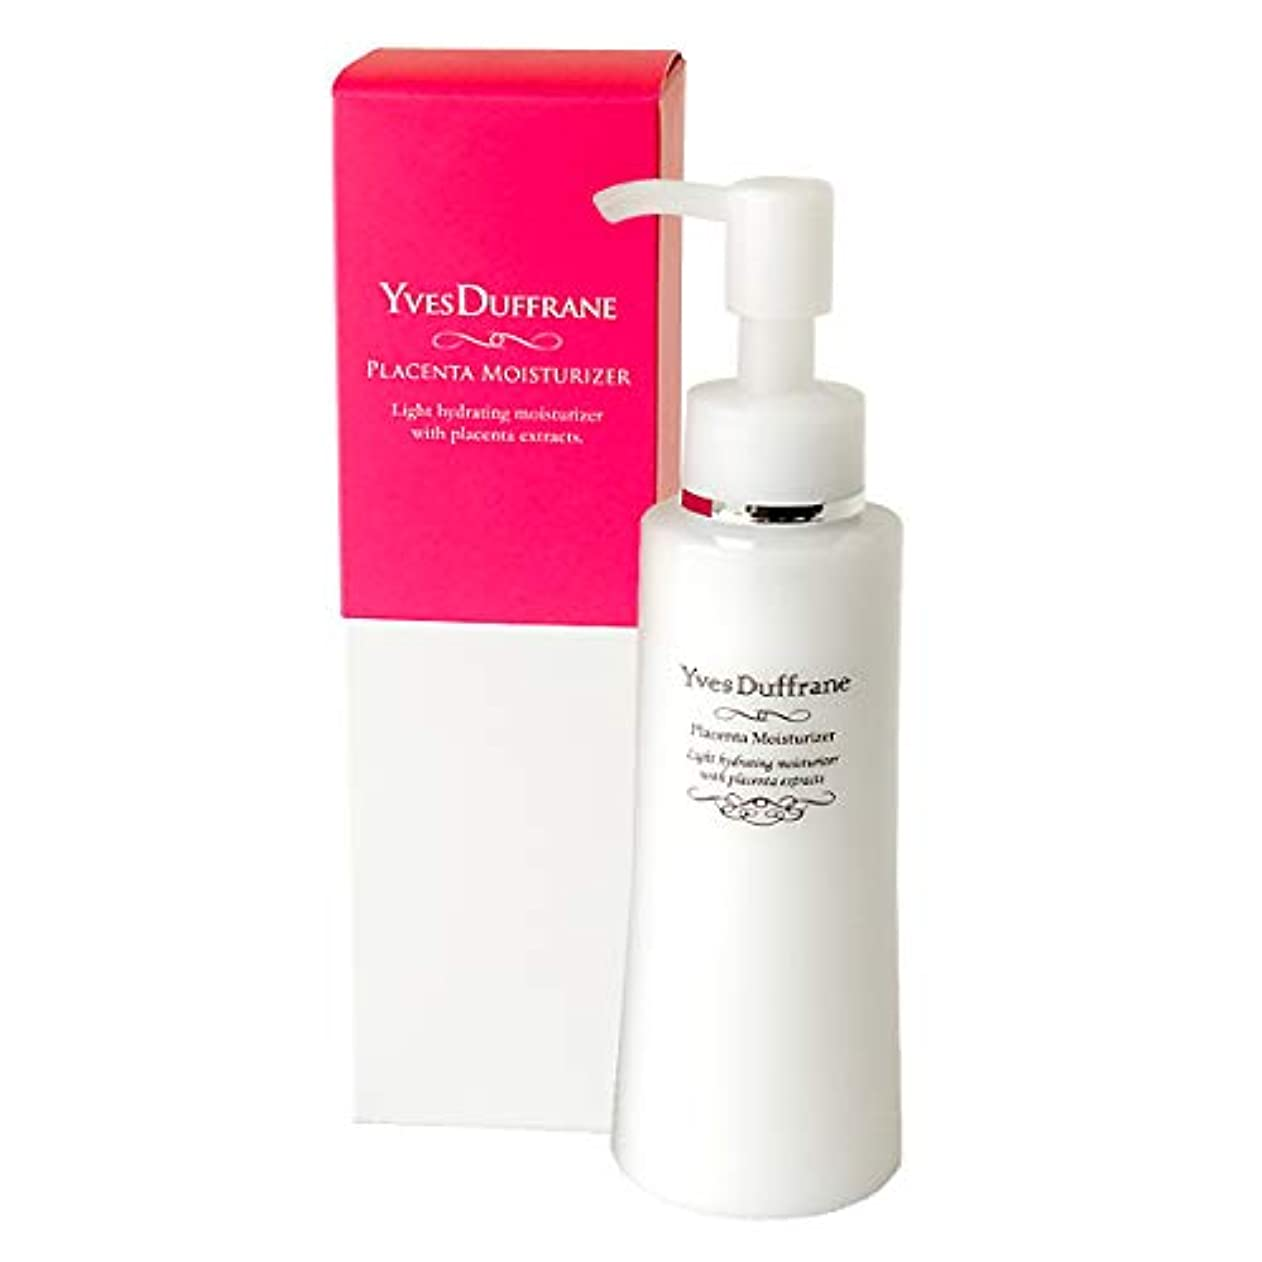 バリケード拡張ゆでるプラセンタ 乳液   ヒアルロン酸 高濃度プラセンタ   ターンオーバー 敏感肌 保湿